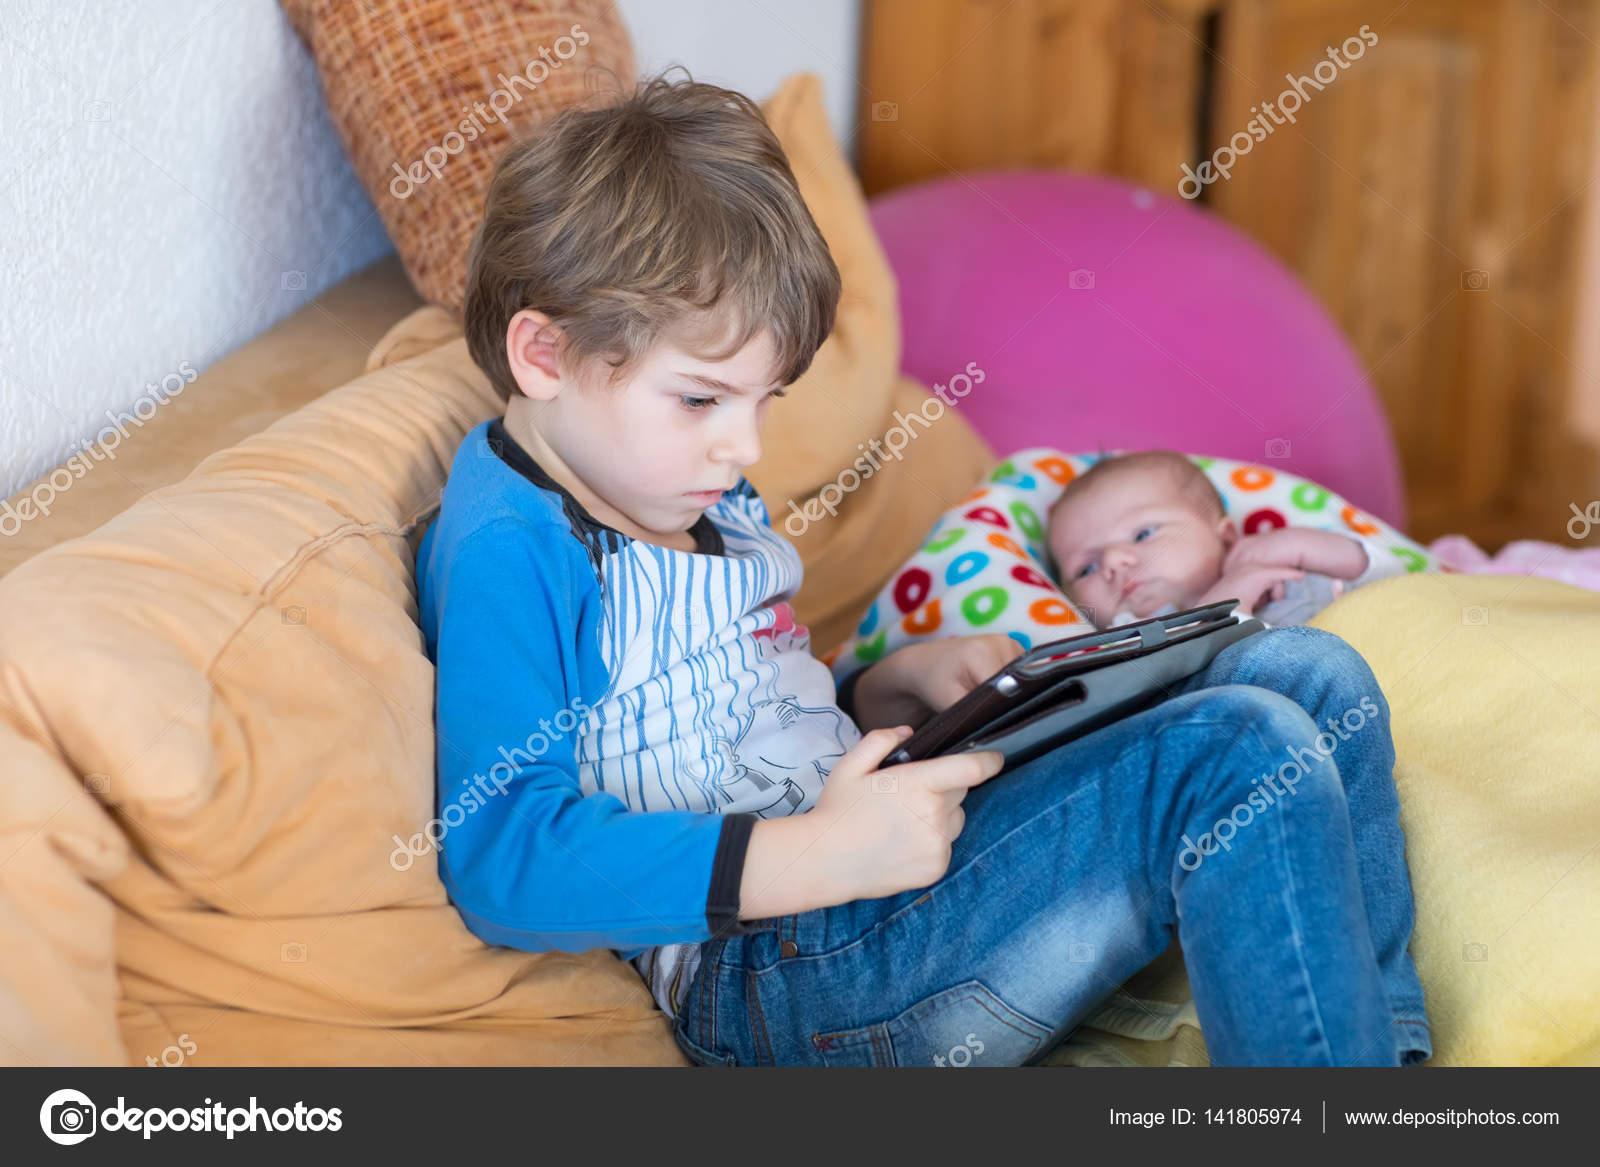 hry na hlídání dětí pinterest datování dárkové nápady